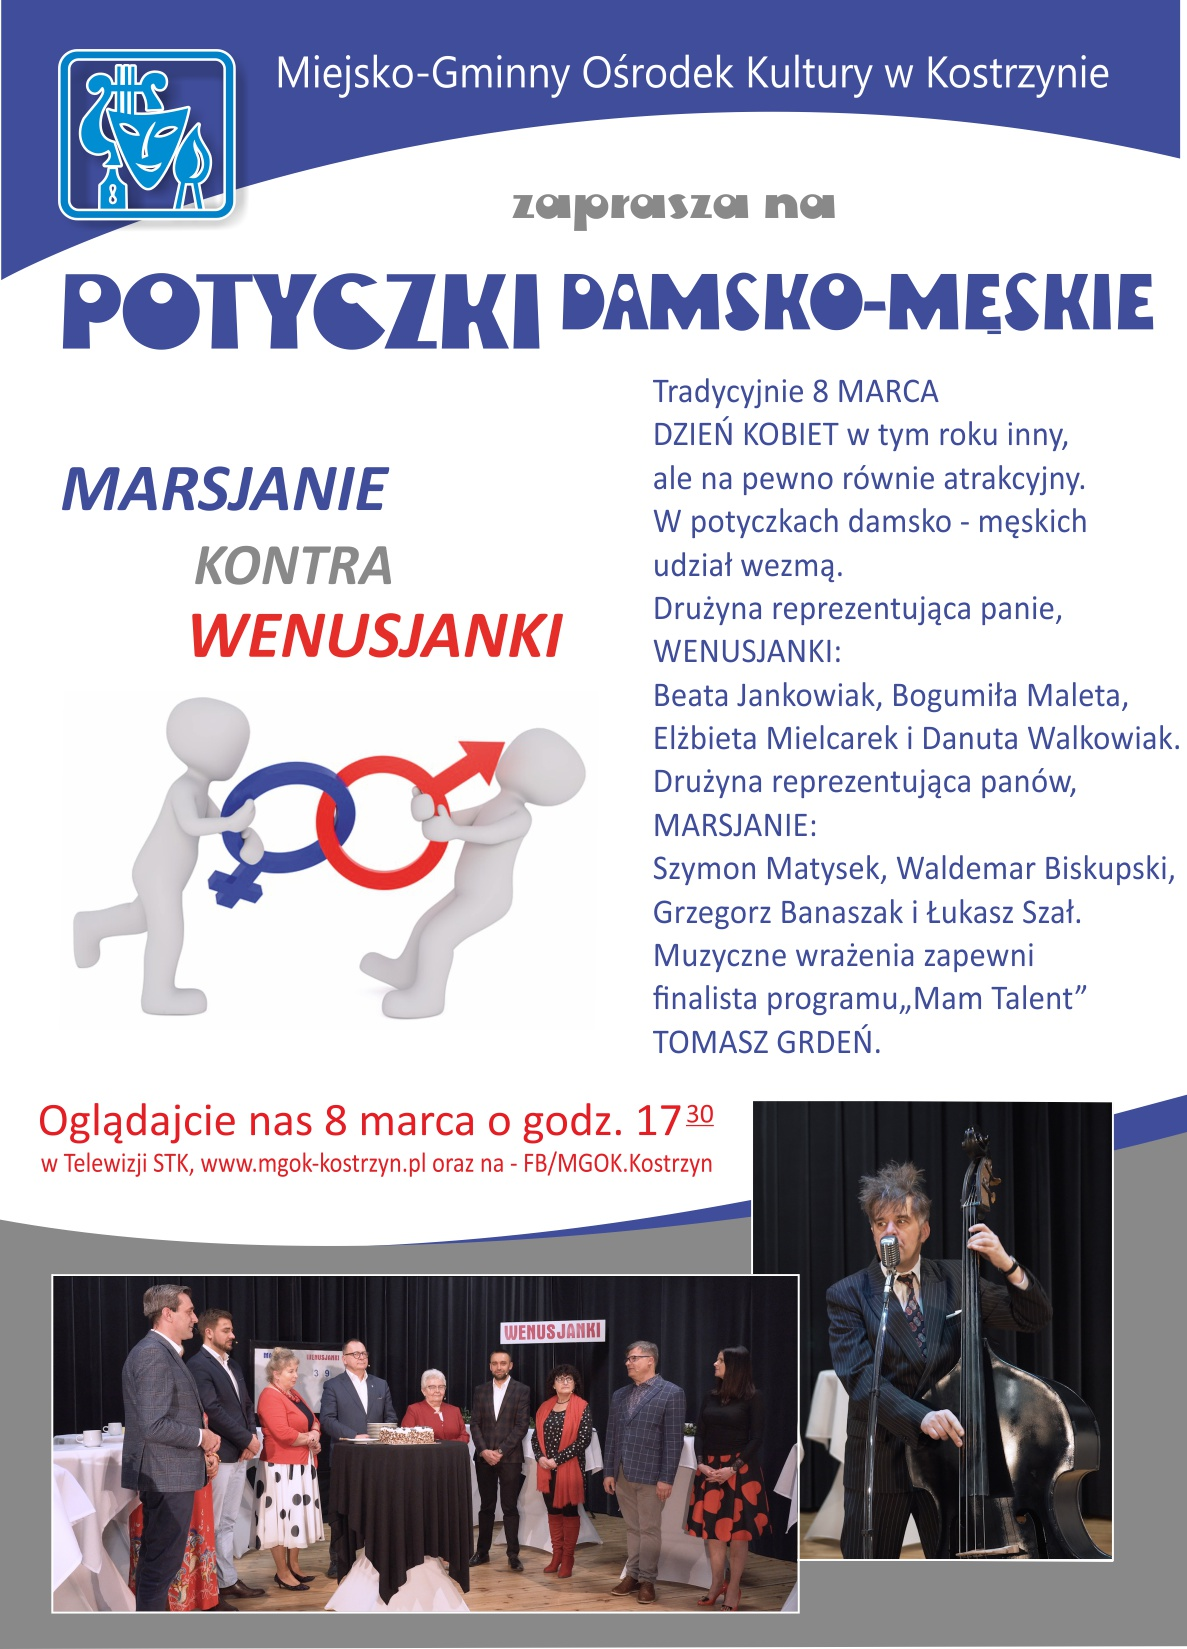 Plakat zapraszający do oglądania koncertu, Potyczki damsko męskie, 8 marca godzina 17,30 w telewizji STK i na stronie www,mgok-kostrzyn.pl